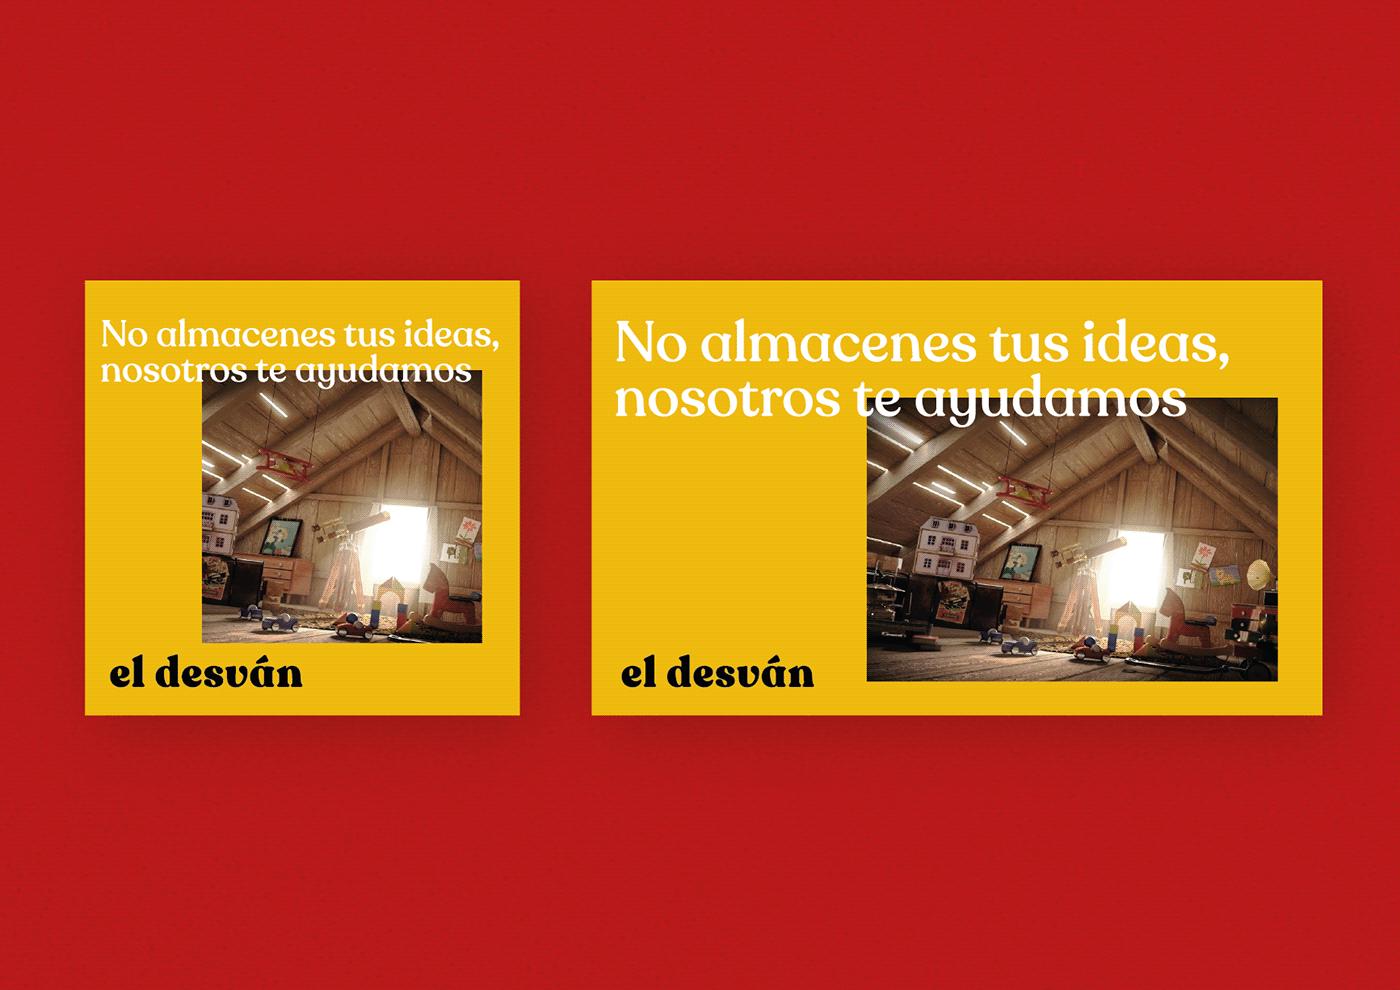 banner de la agencia de marketing el desván, con claim, no almacenes tus ideas, nosotros te ayudamos